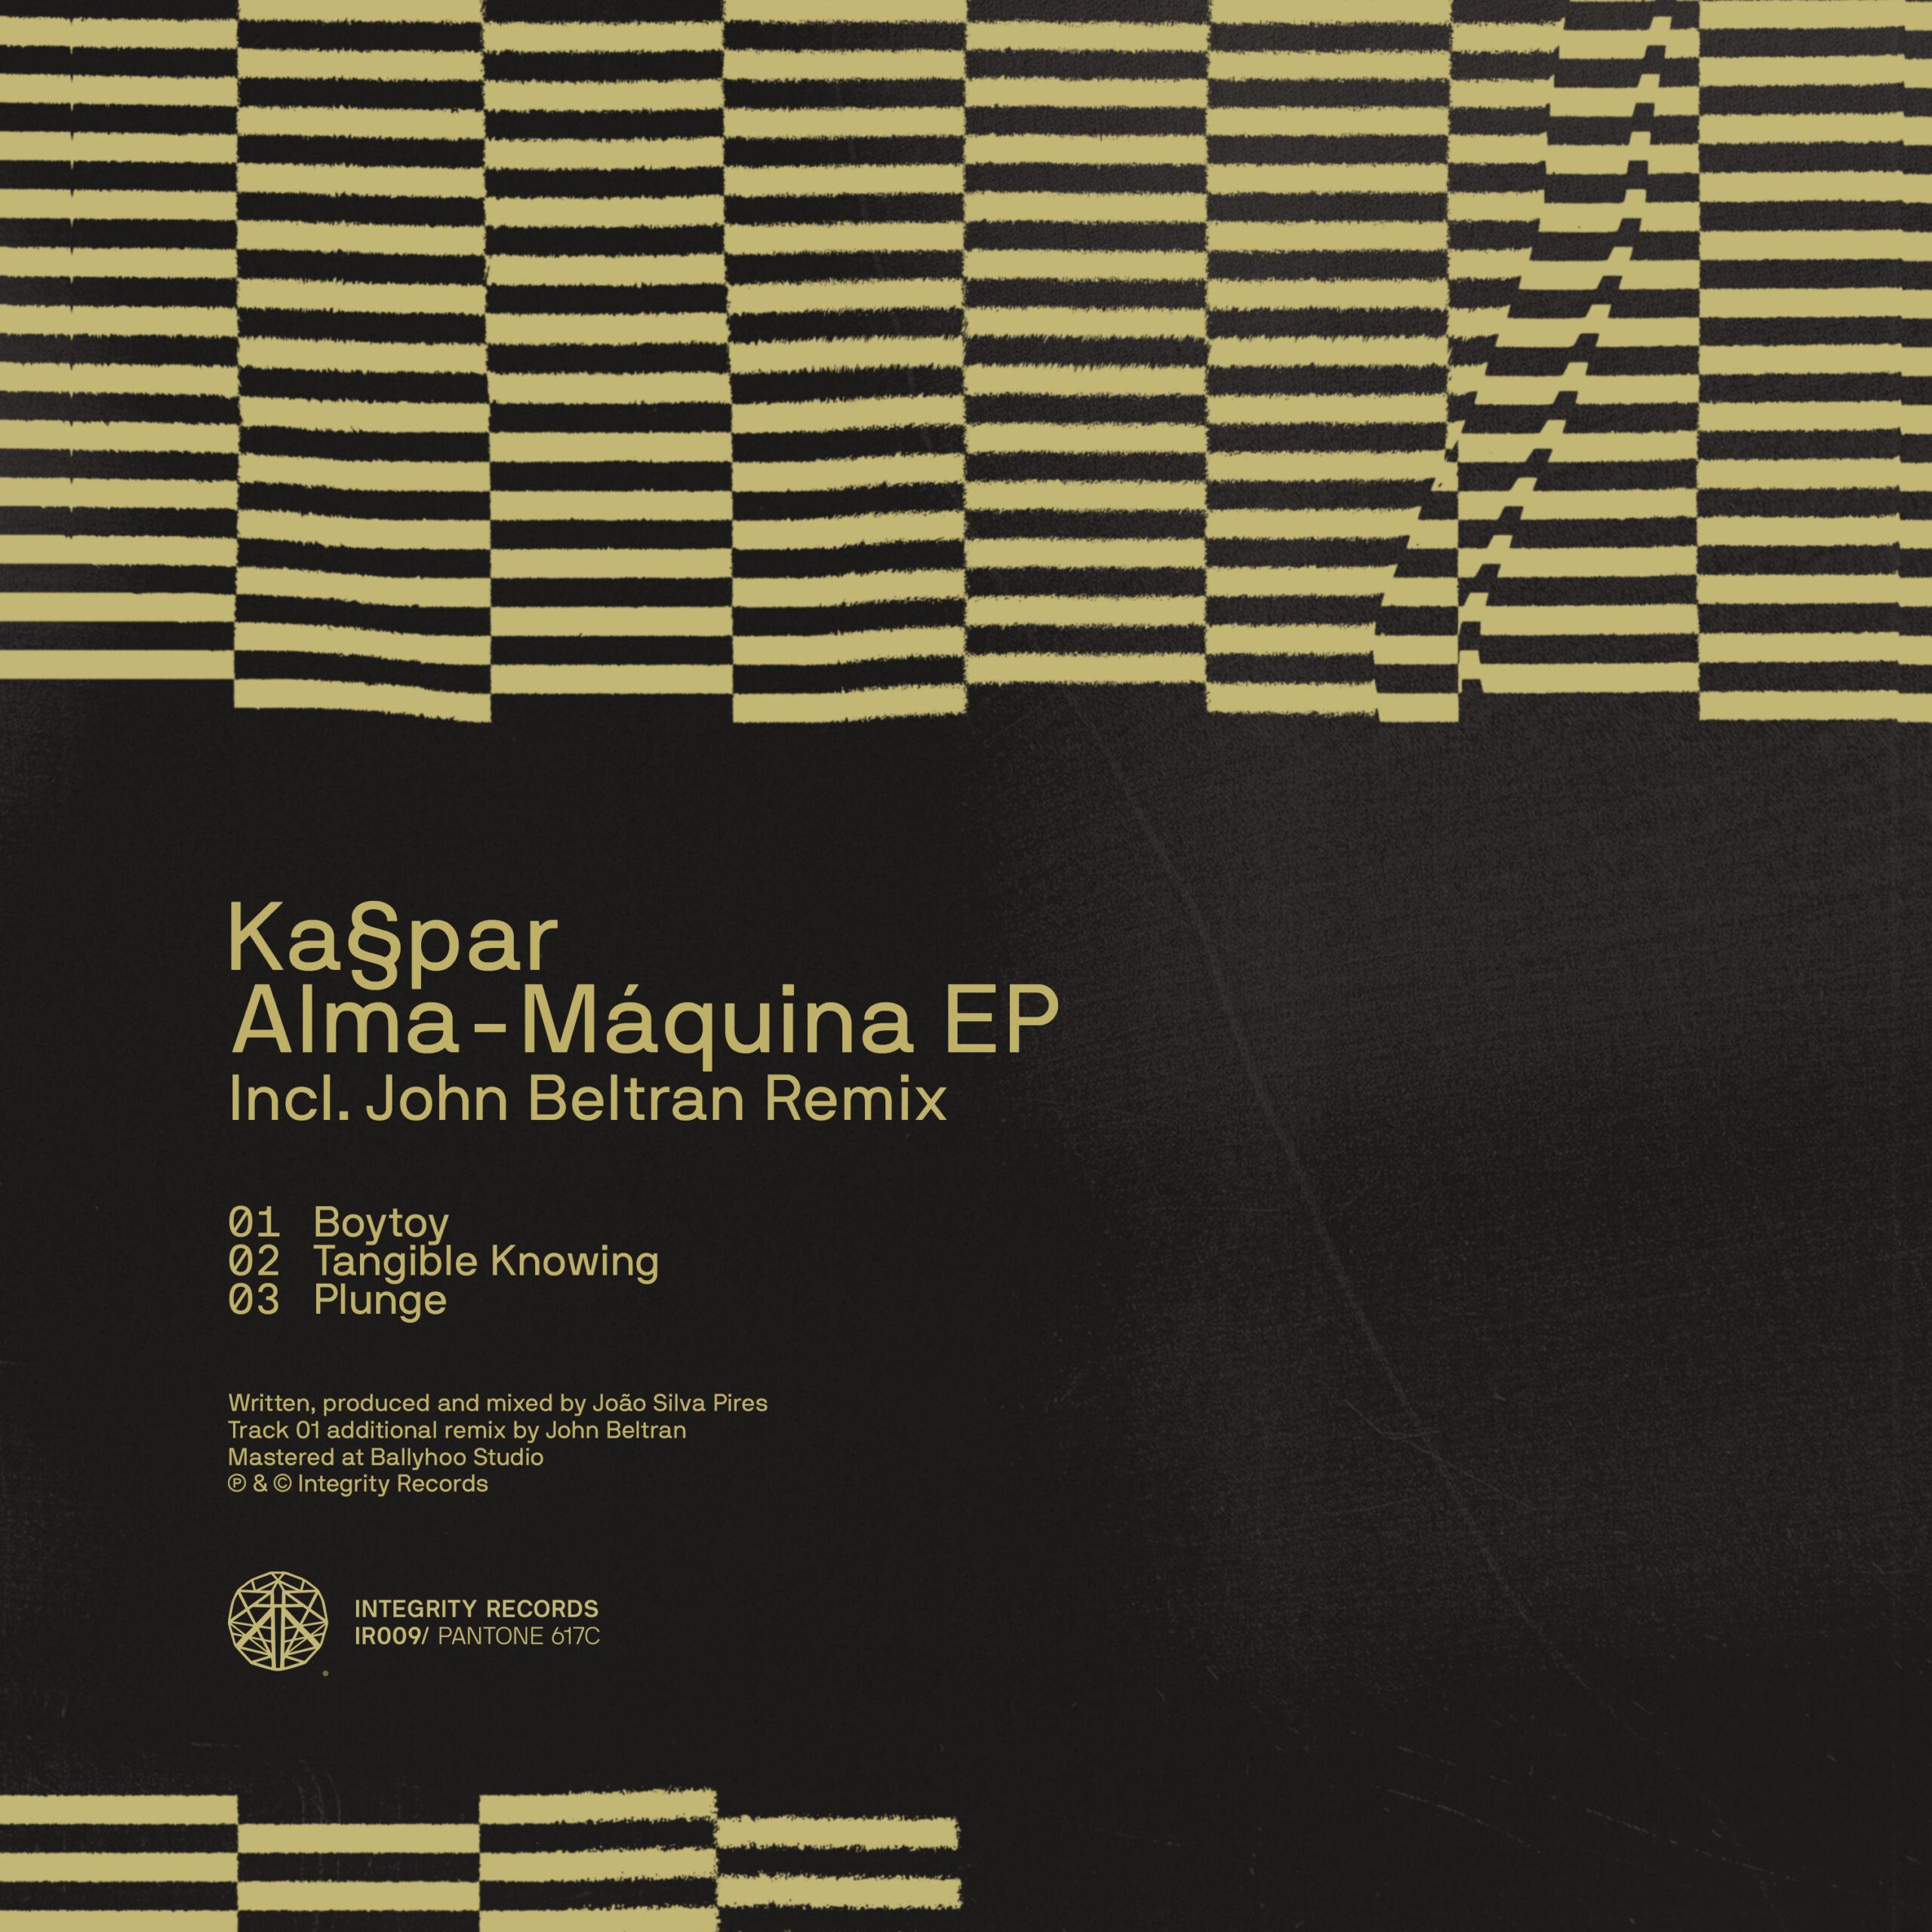 PREMIERE: Ka§par - Plunge [Integrity Records]